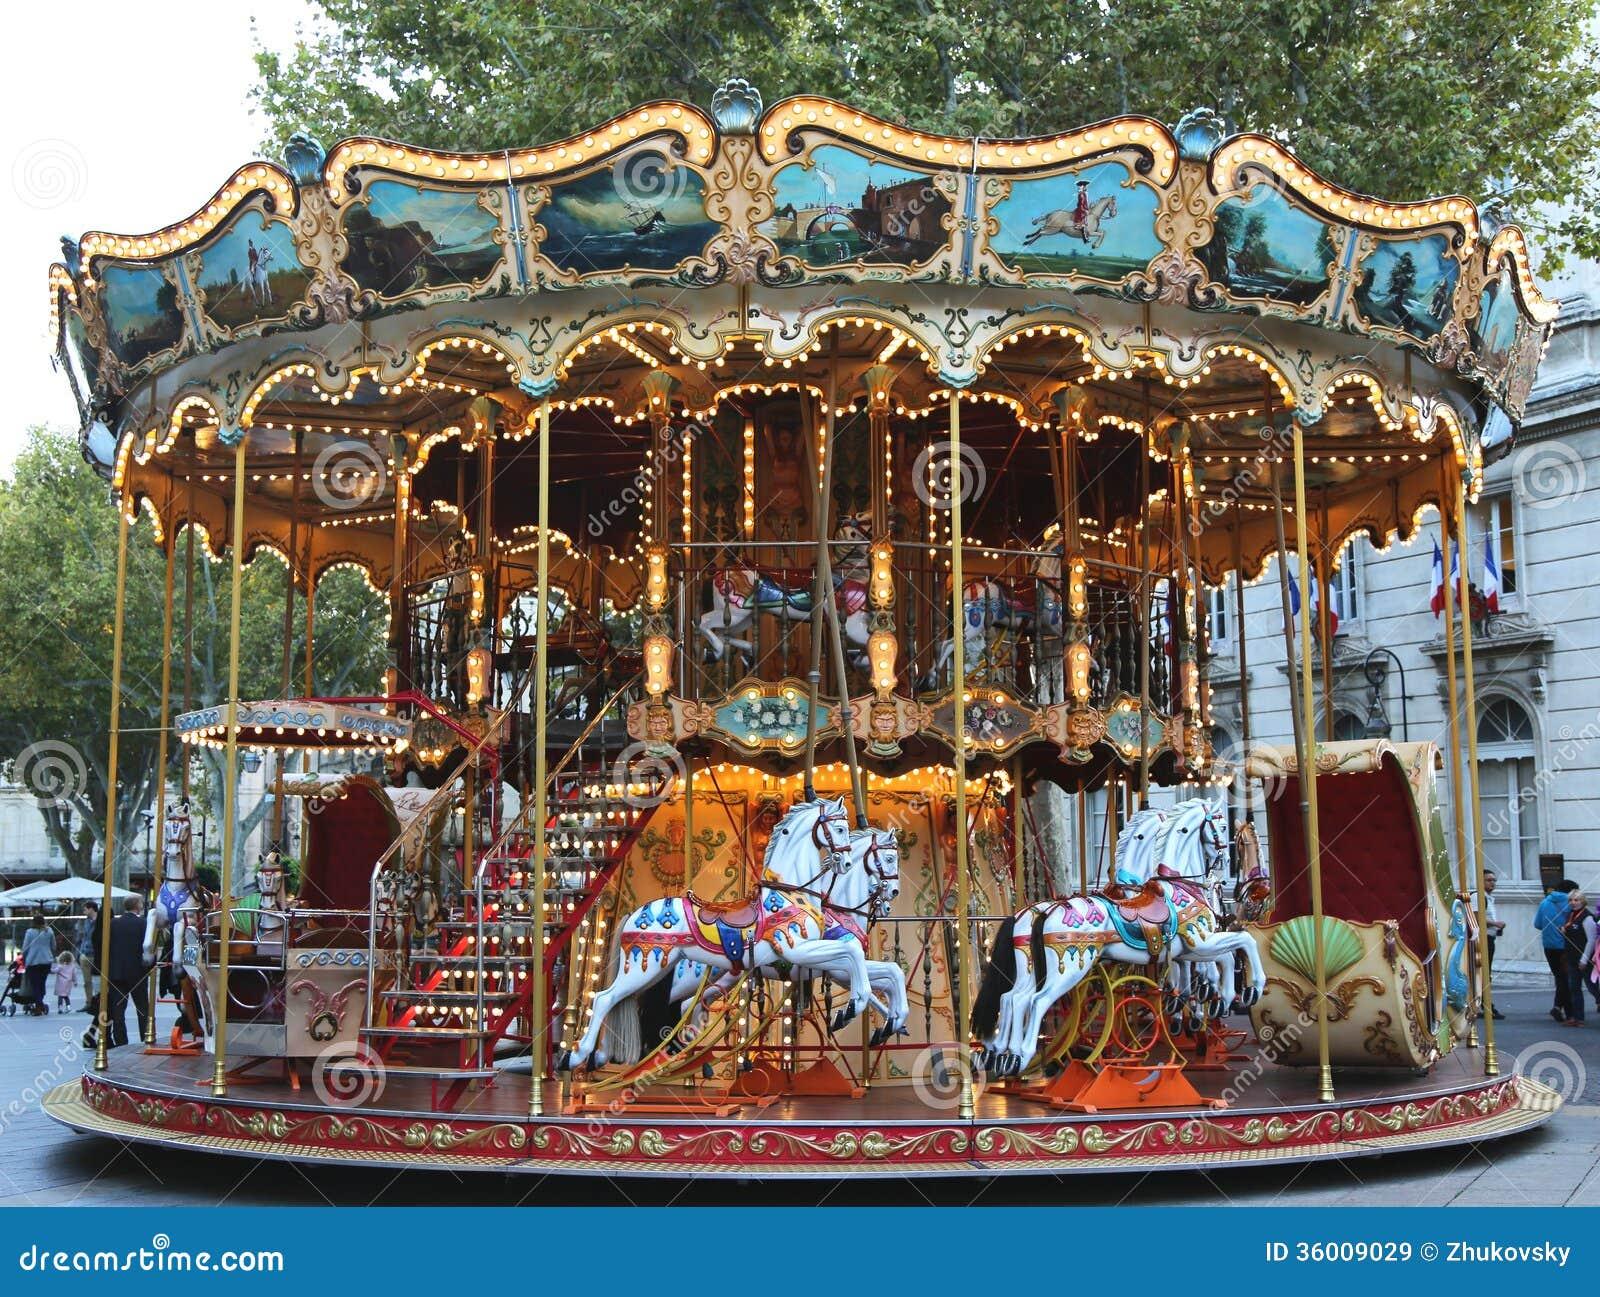 Carrusel tradicional del parque de atracciones en Aviñón, Francia